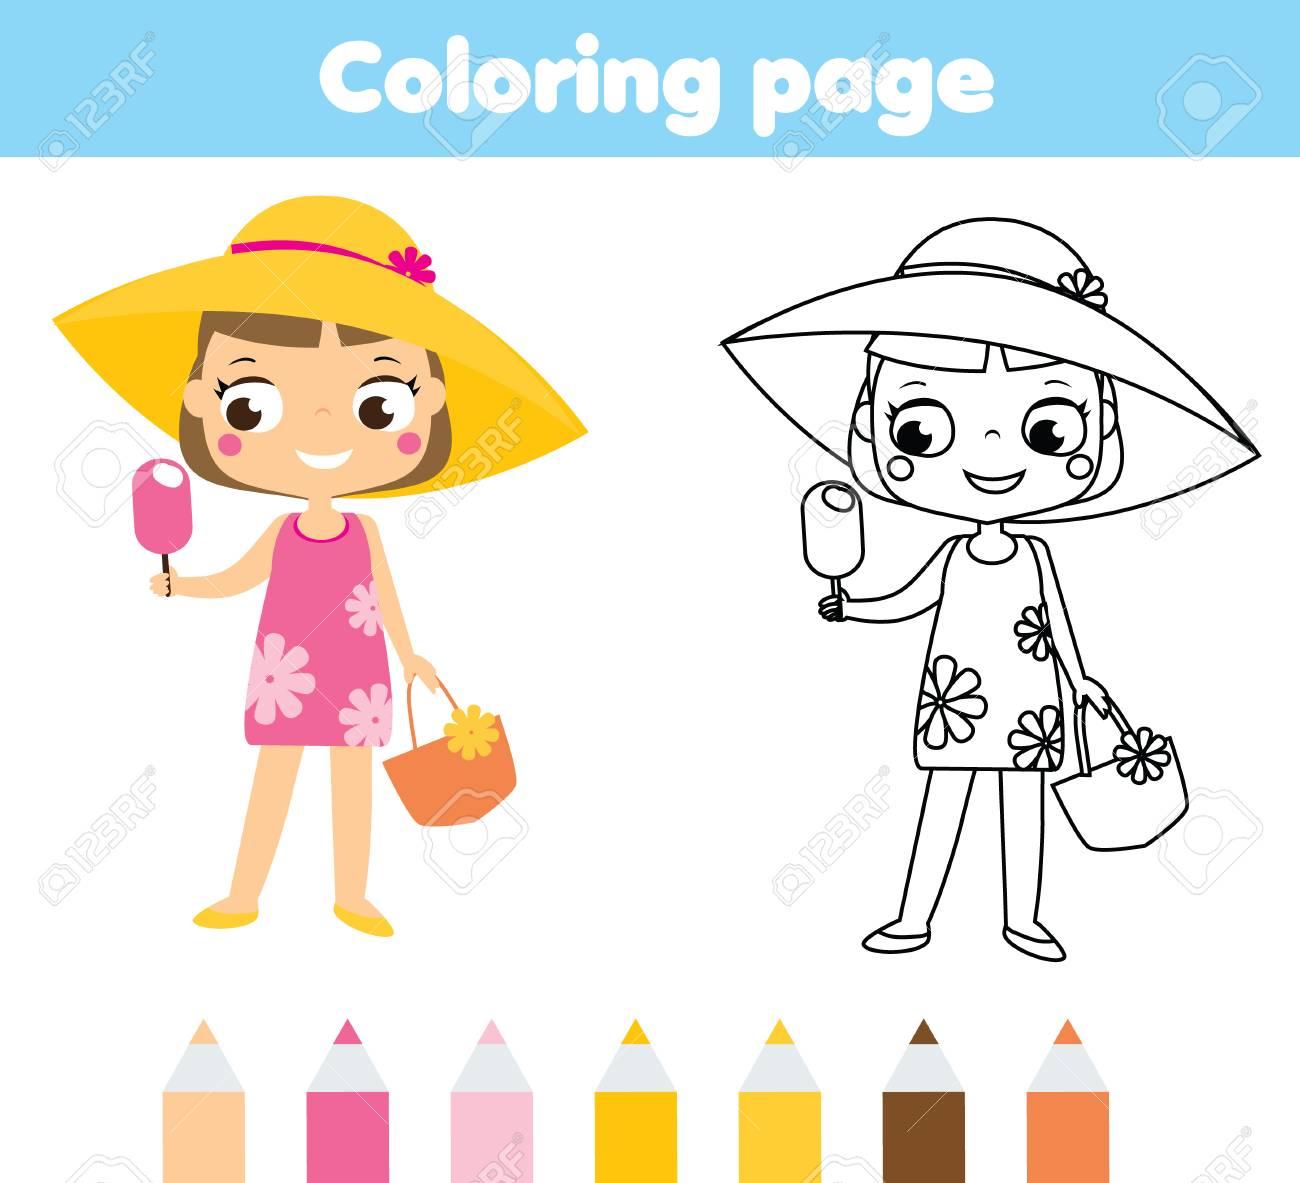 Verano De Vacaciones Página Para Colorear Para Dibujos Animados Chica De Crianza En Traje De Playa Que Come El Juego De Aroma De La Pizca De Juego De